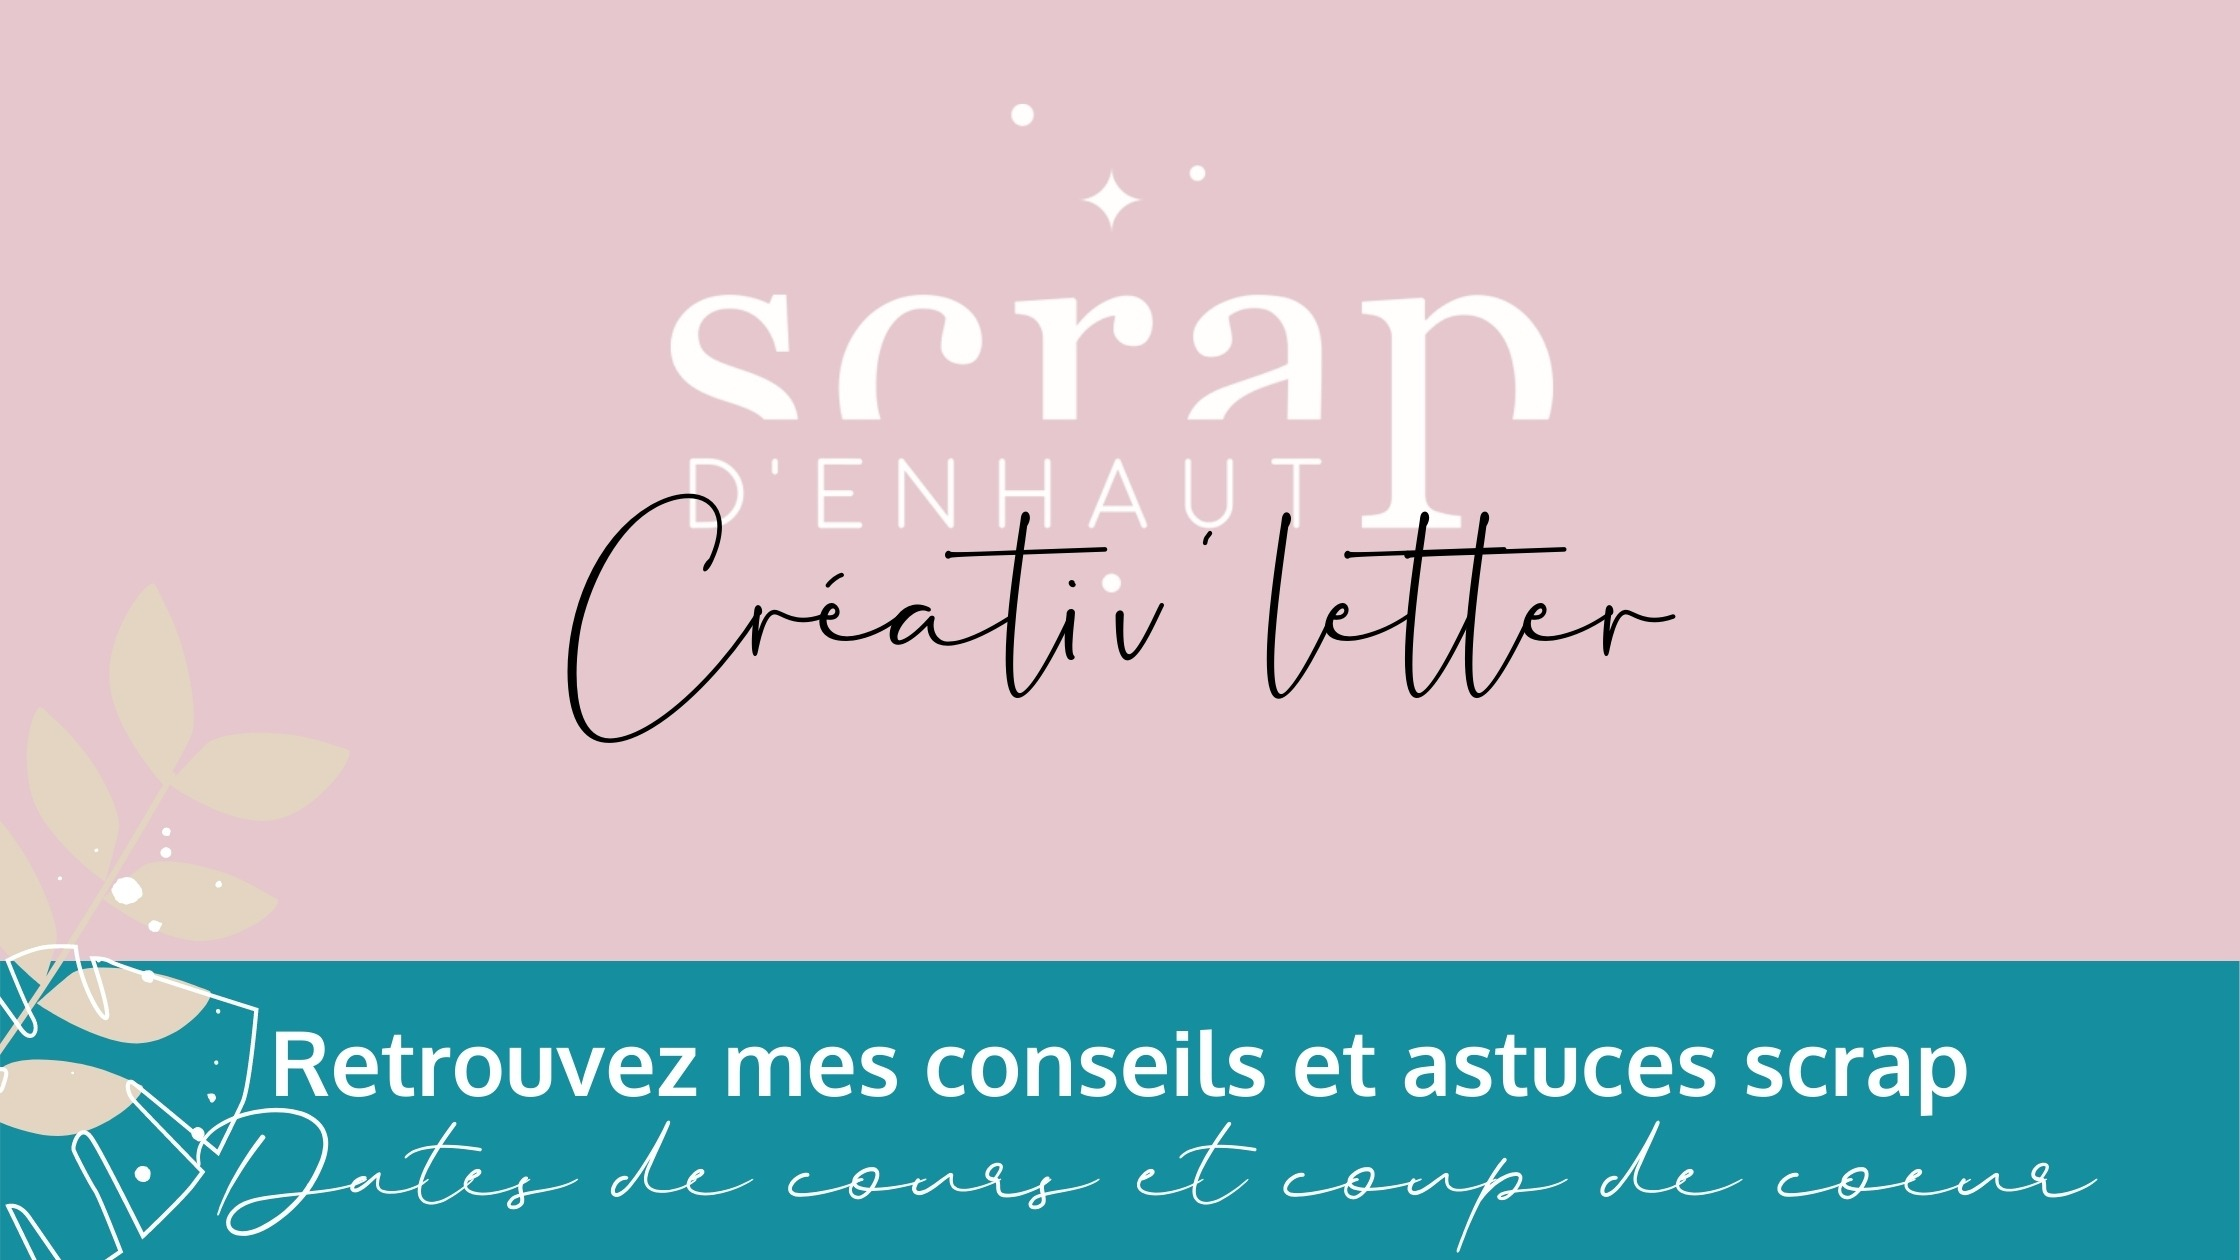 creativ-letter